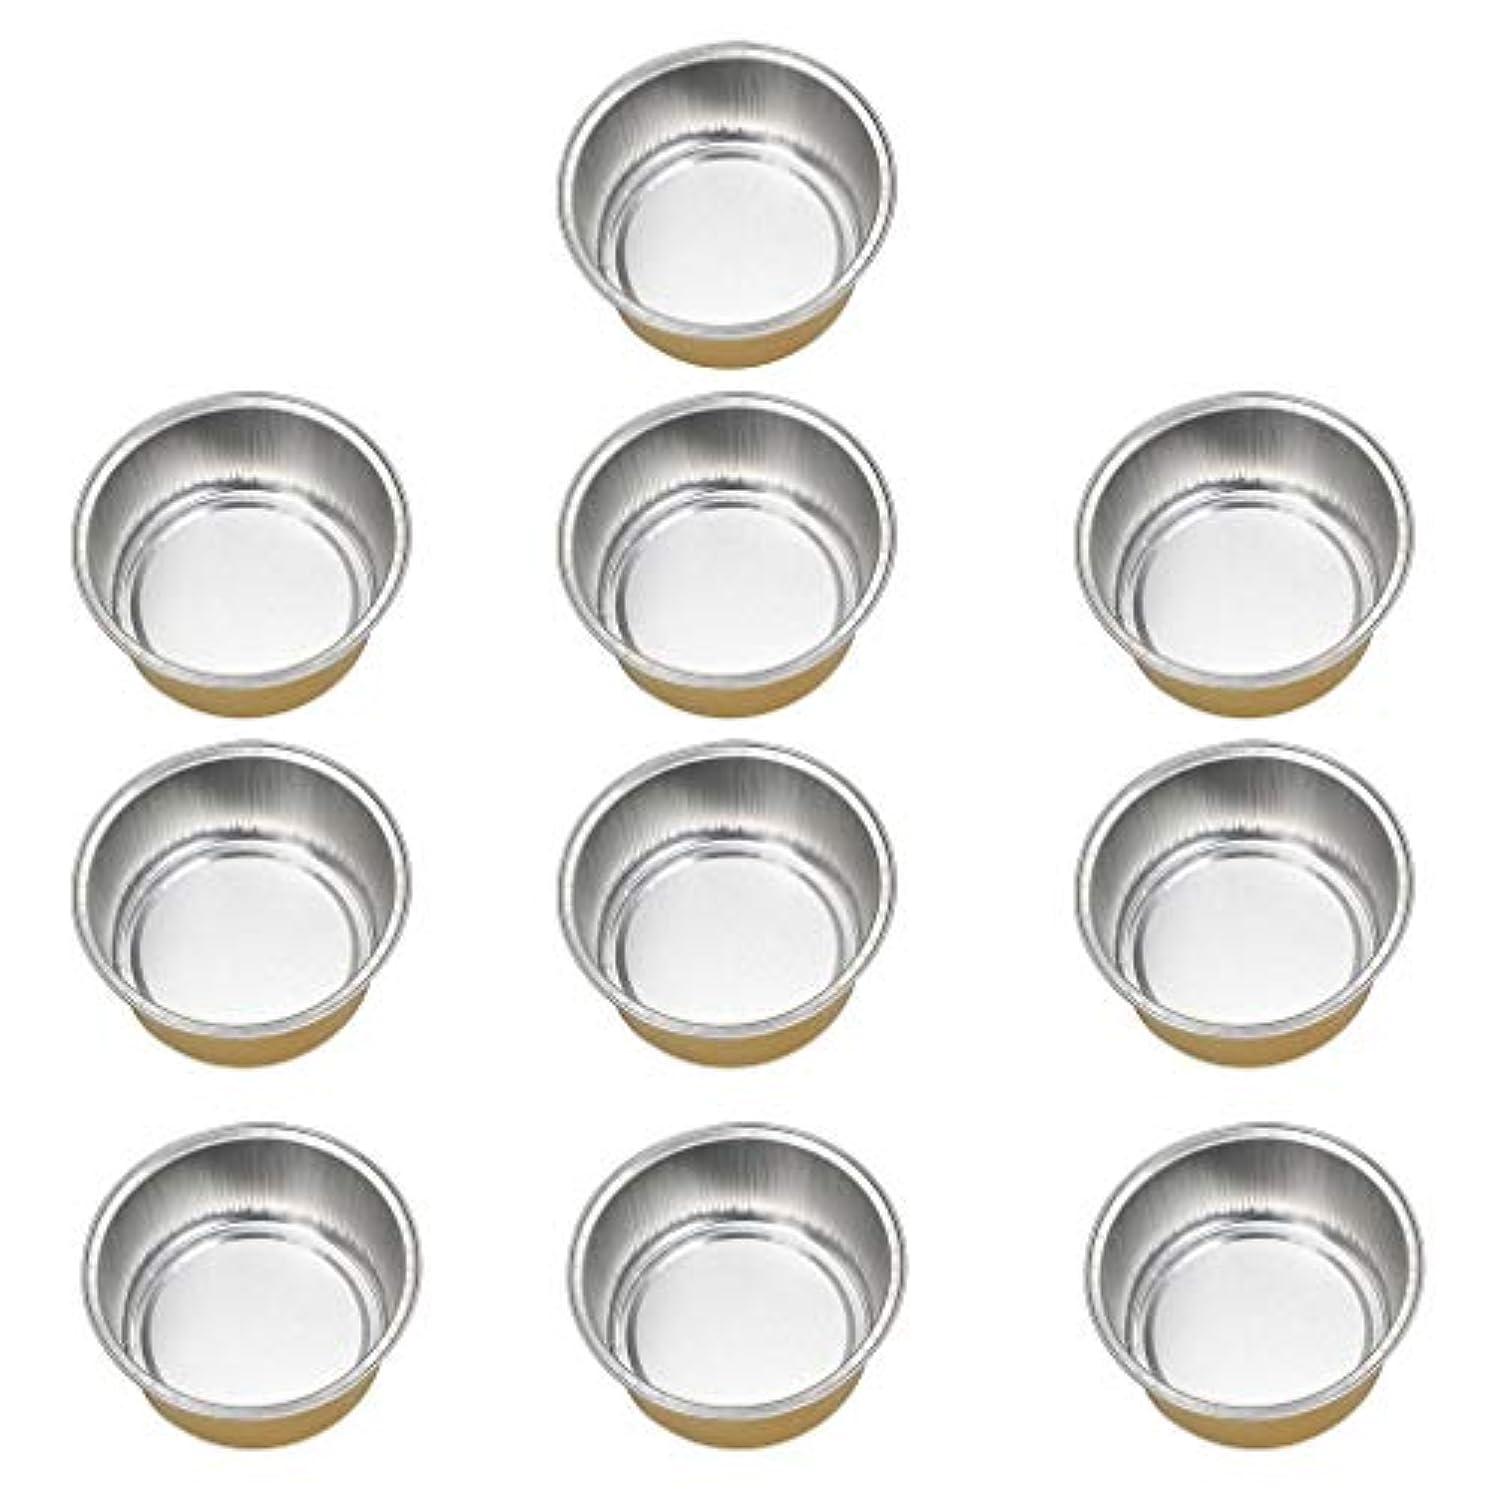 革命買う意見FLAMEER 10個 ワックスボウル ミニボウル アルミホイルボウル ワックス豆体 溶融 衛生的 2種選ぶ - ゴールデン2, 02